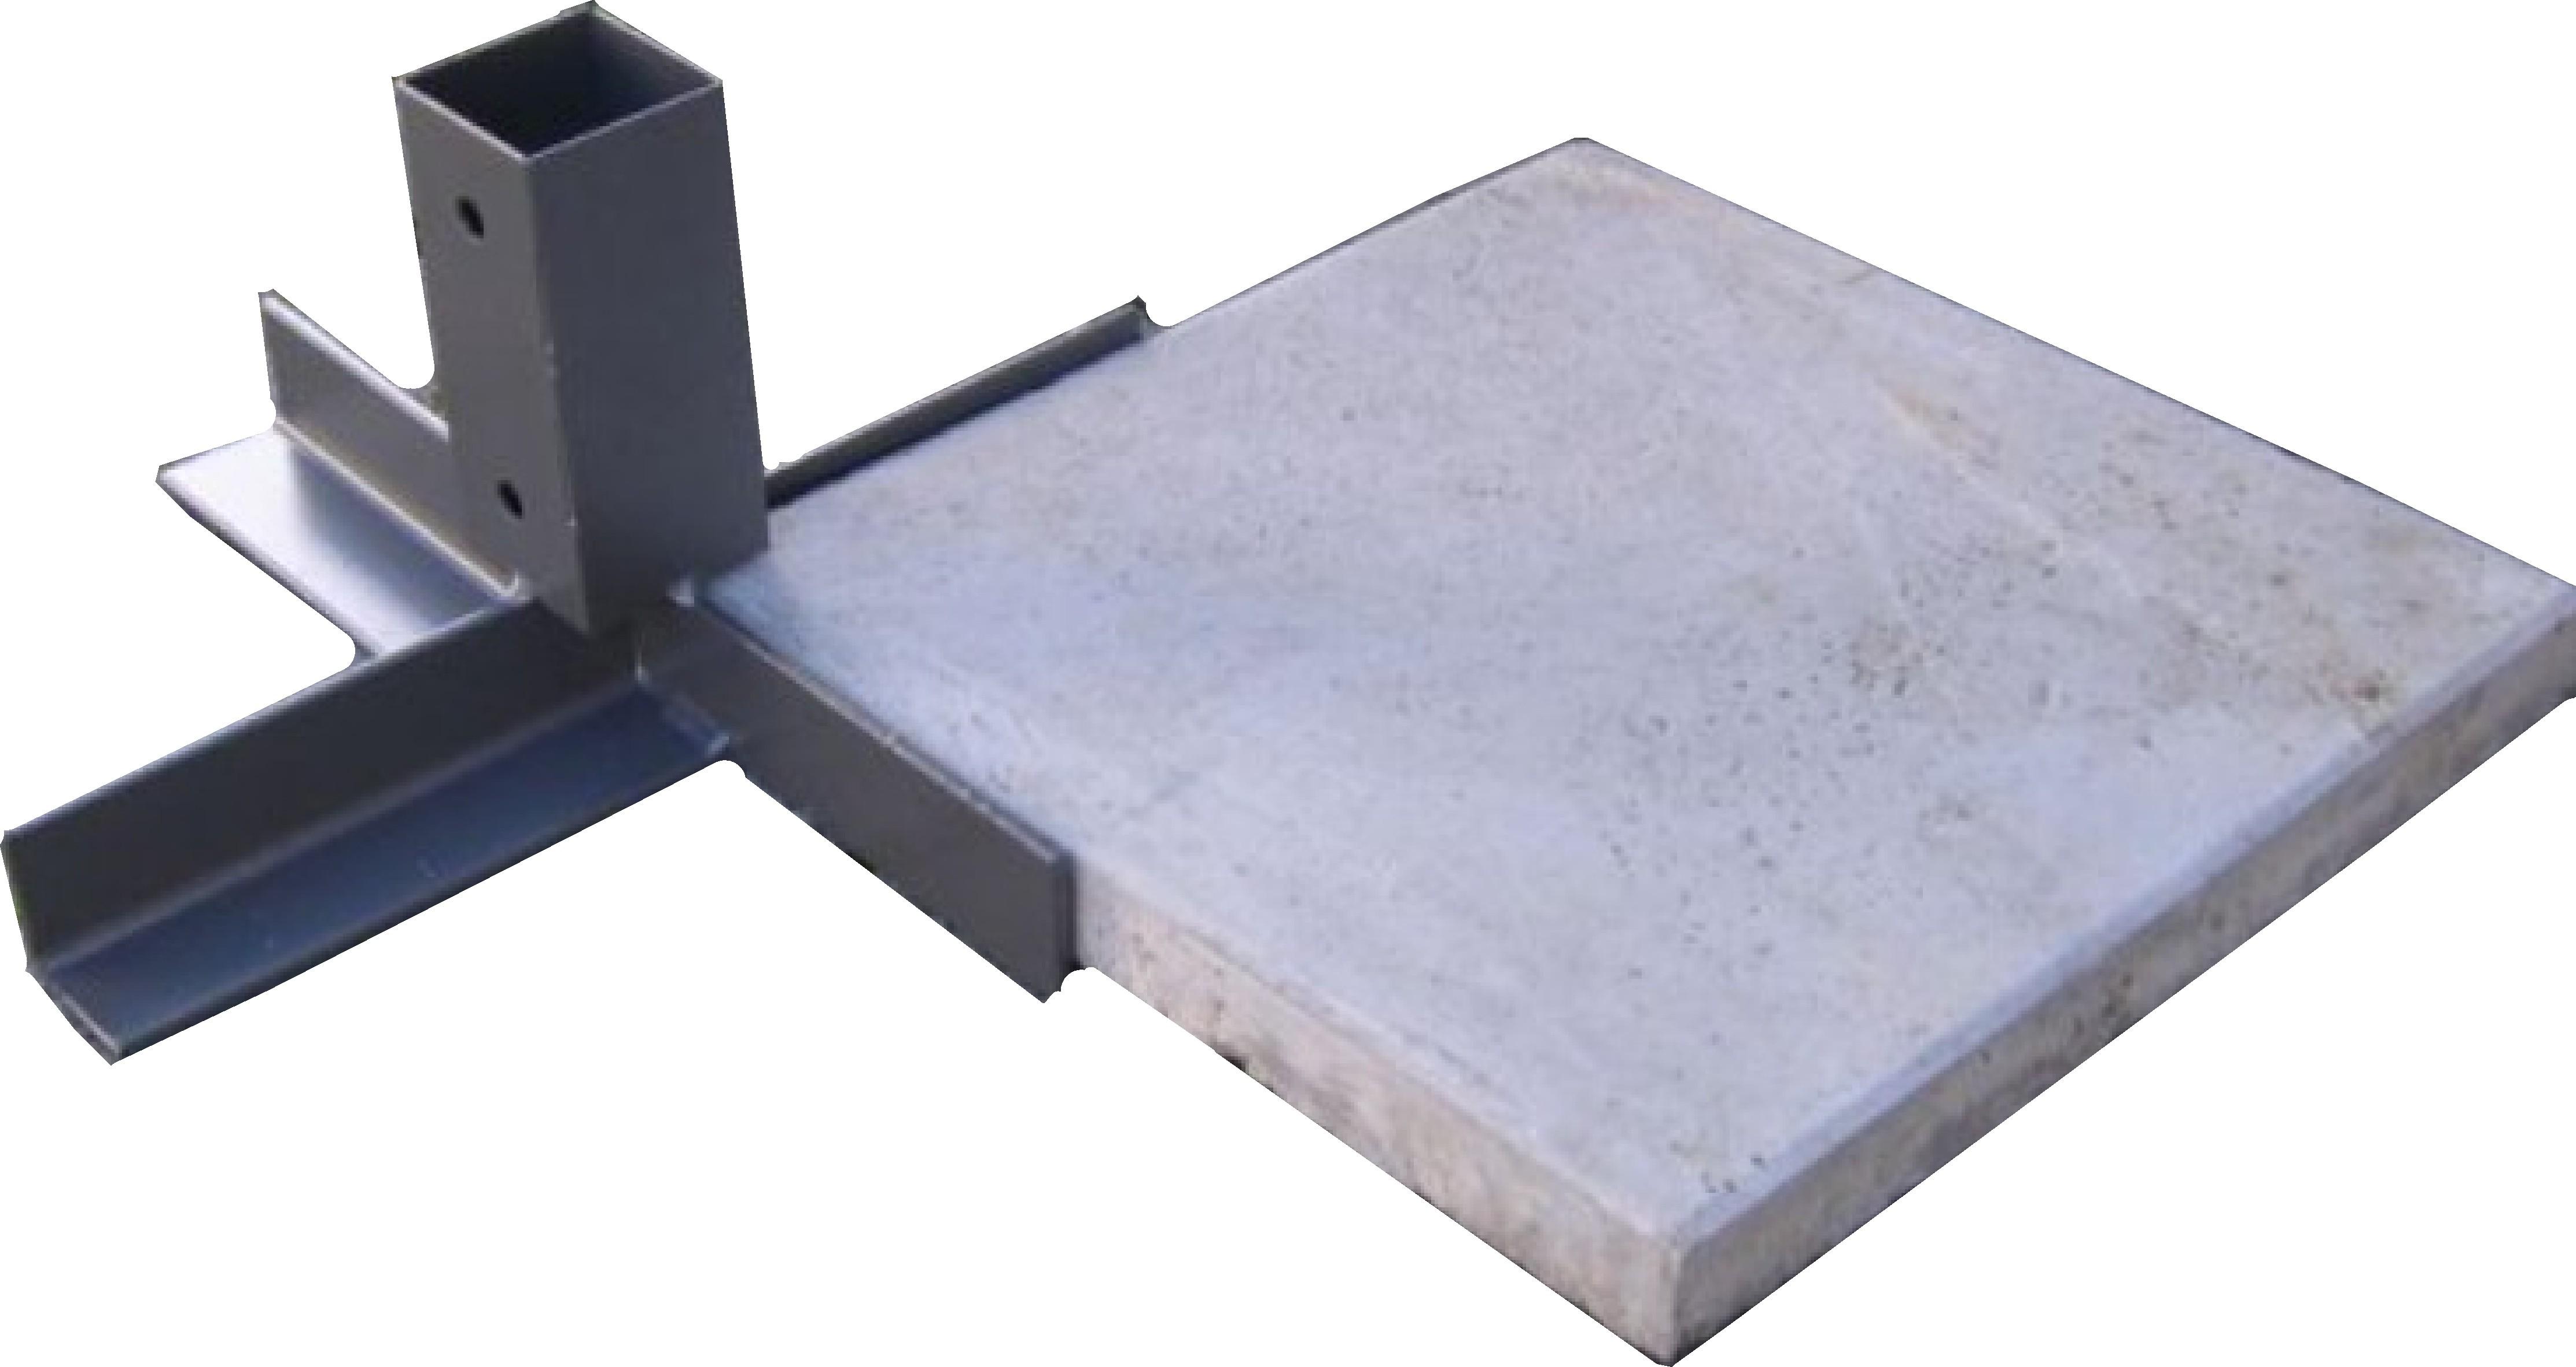 Gehwegplatten-halter für Maklergalgen